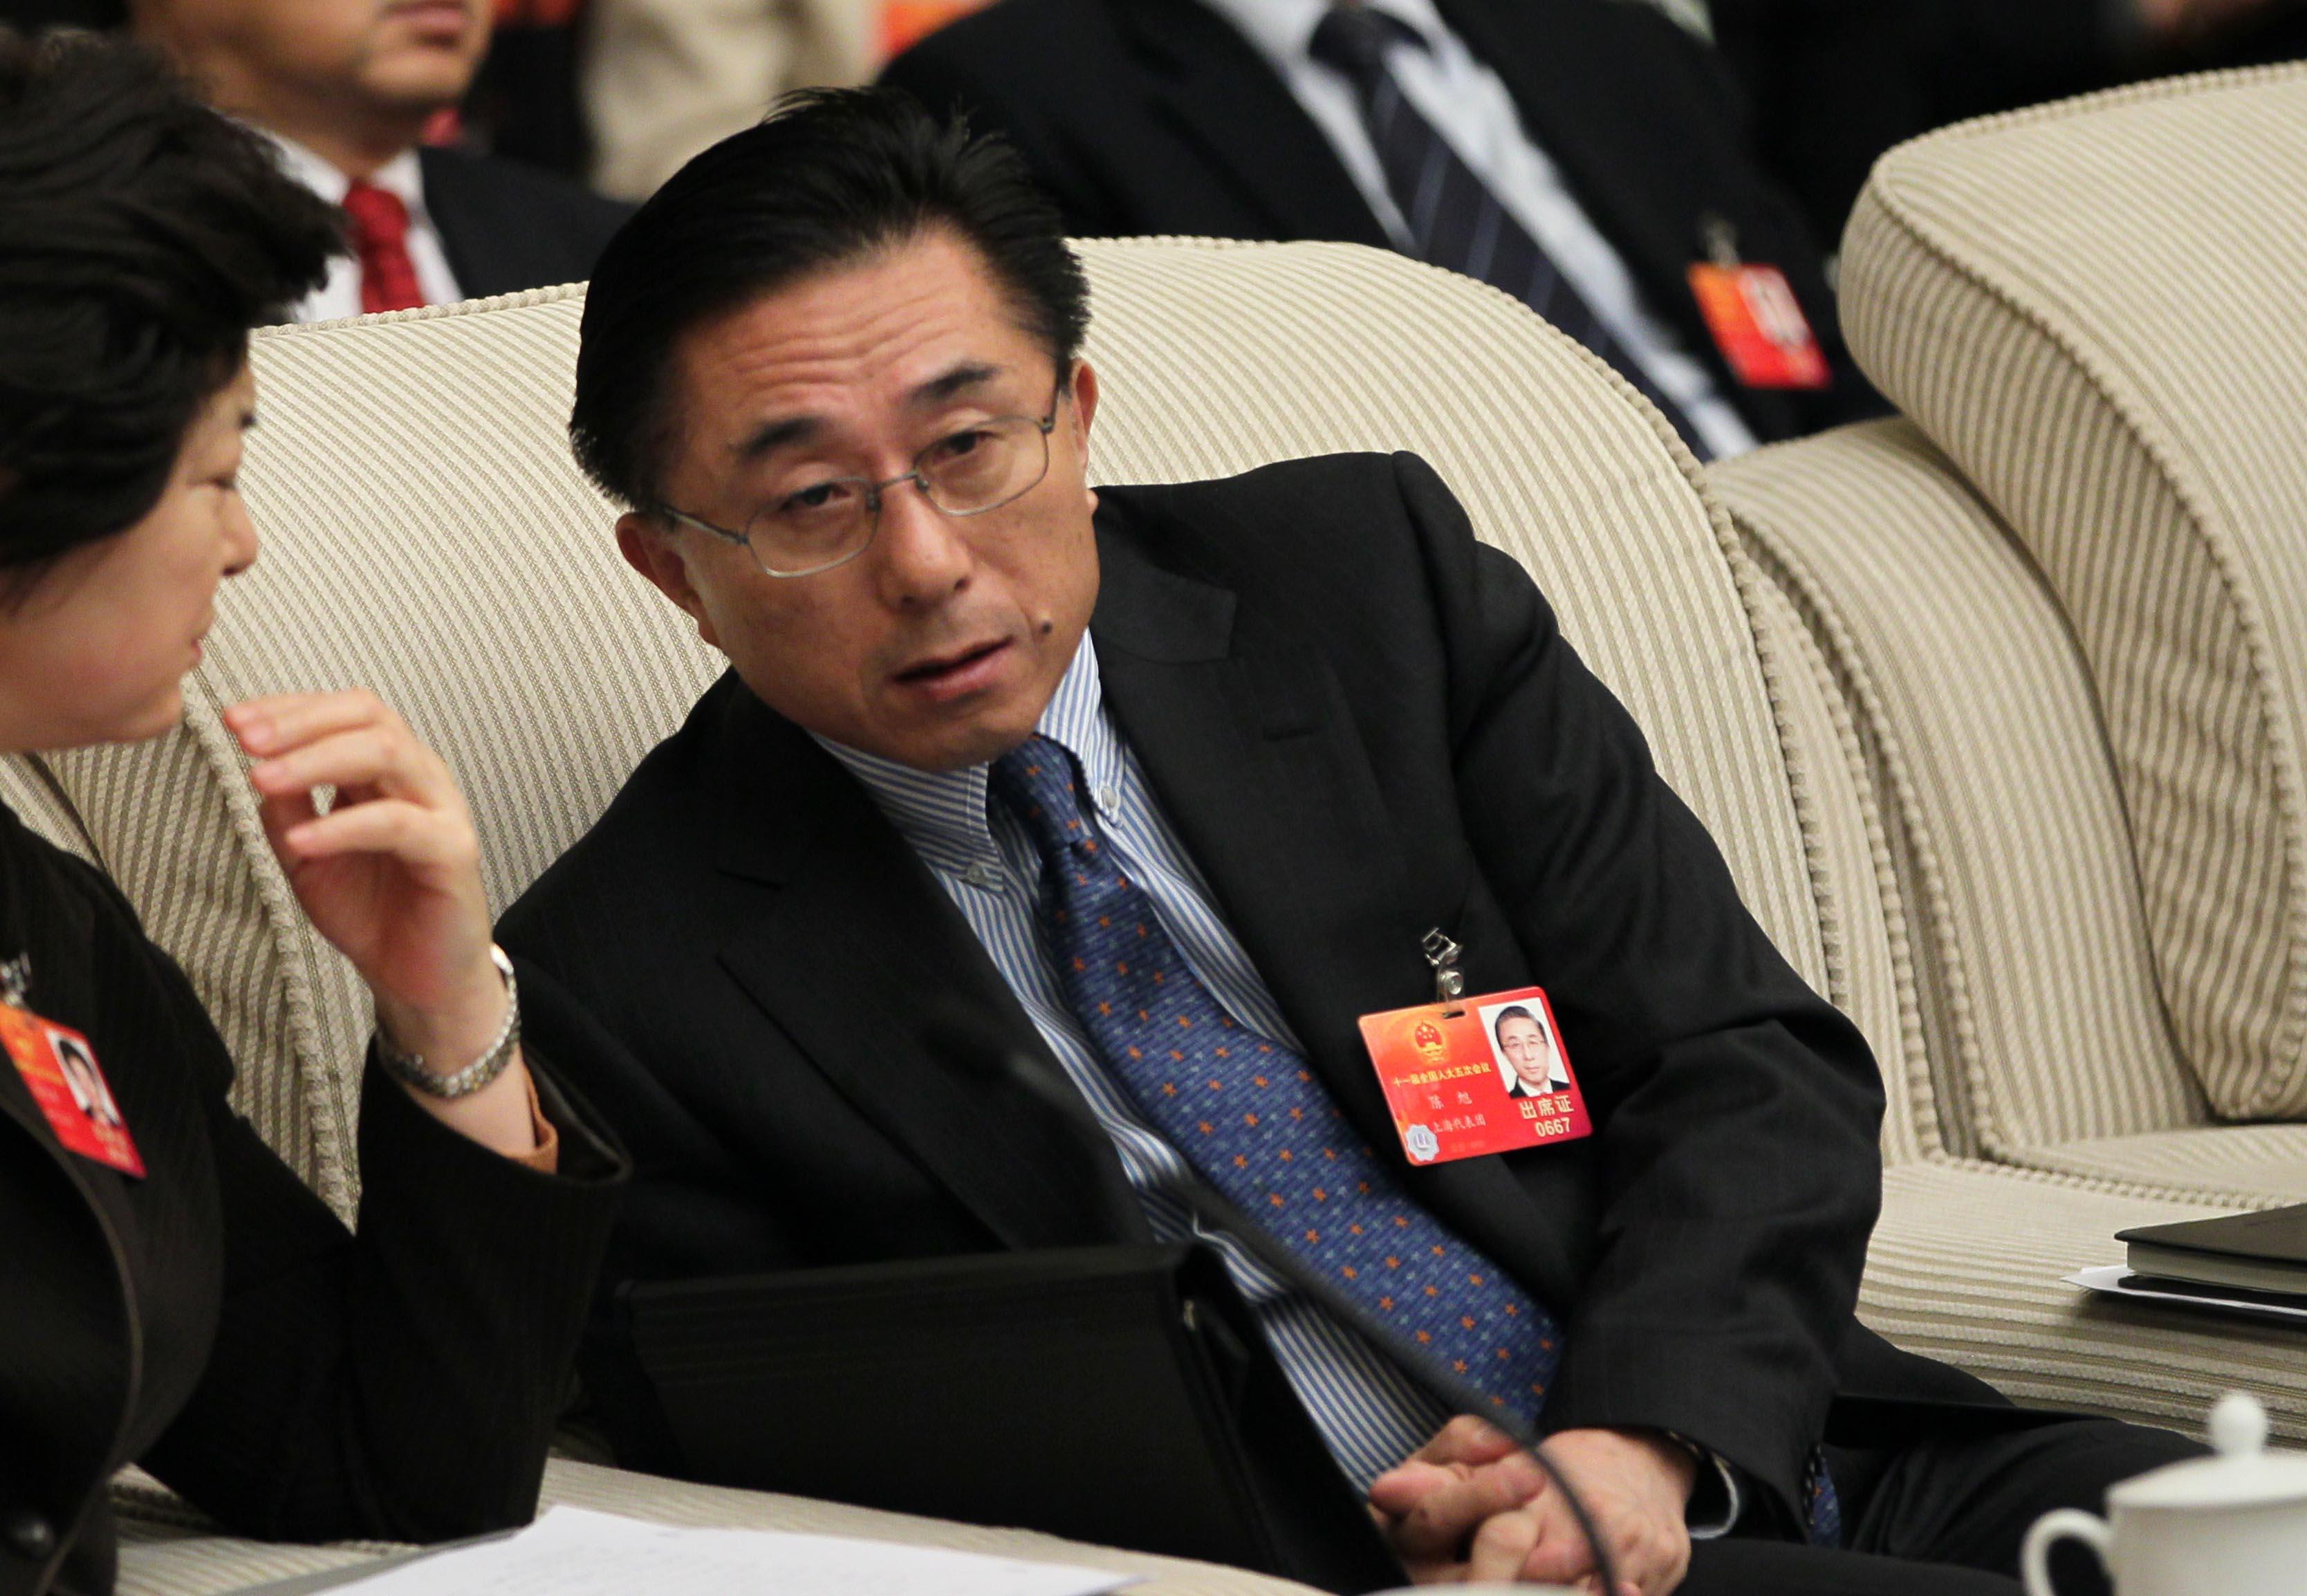 Kirúgták a kommunista pártból a sanghaji főügyészt, mert kiderült, hogy kenőpénzeket fogadott el